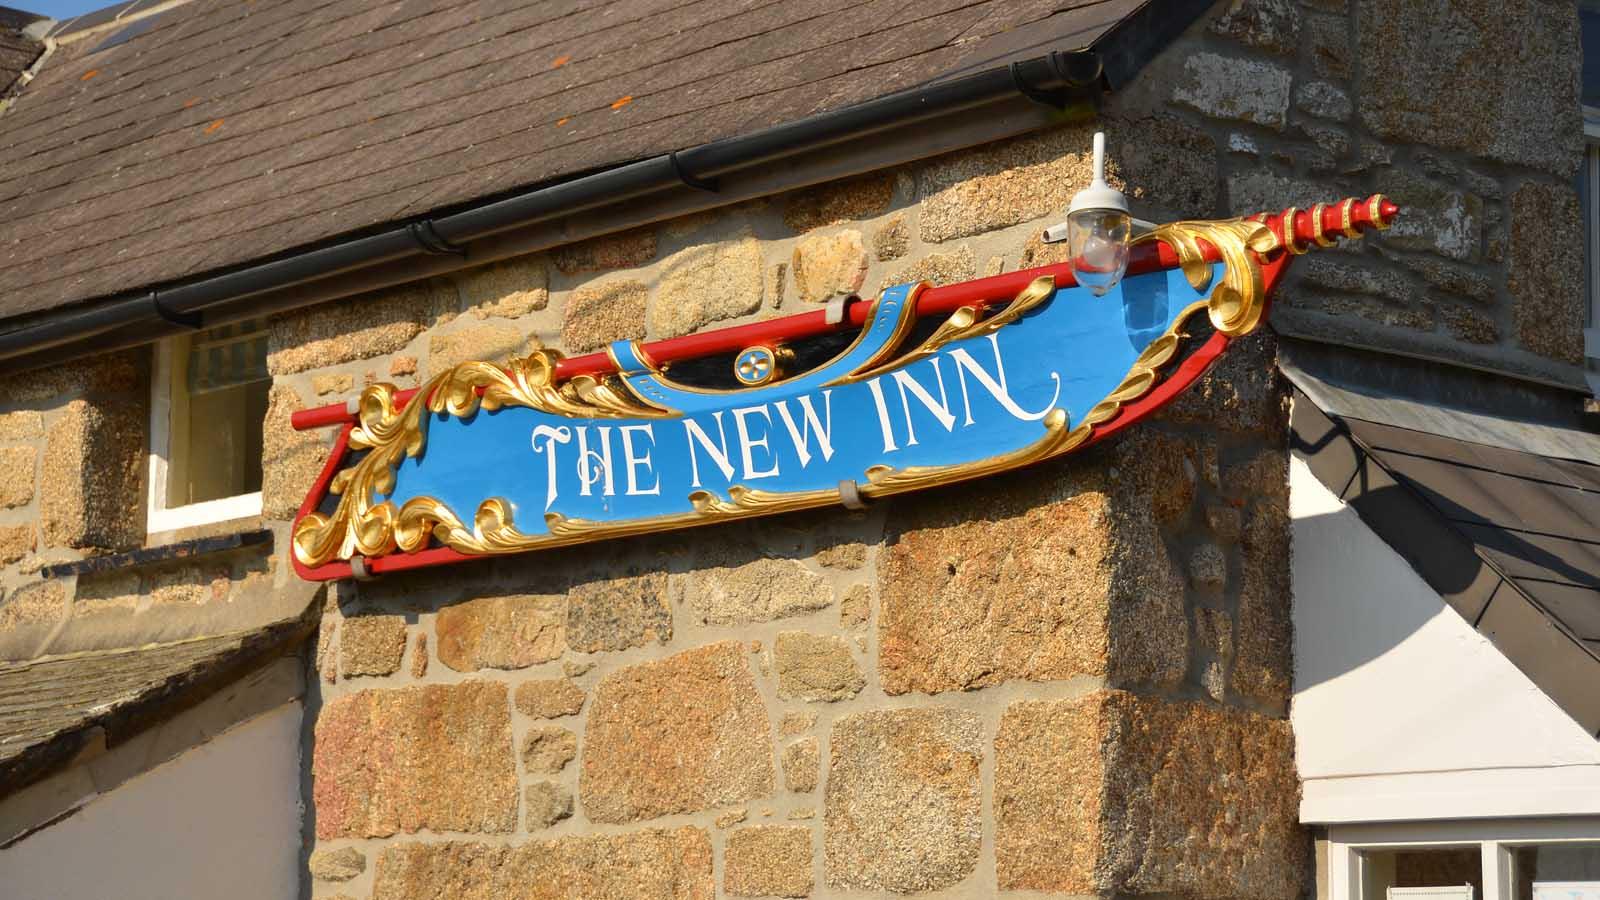 tresco new inn sign